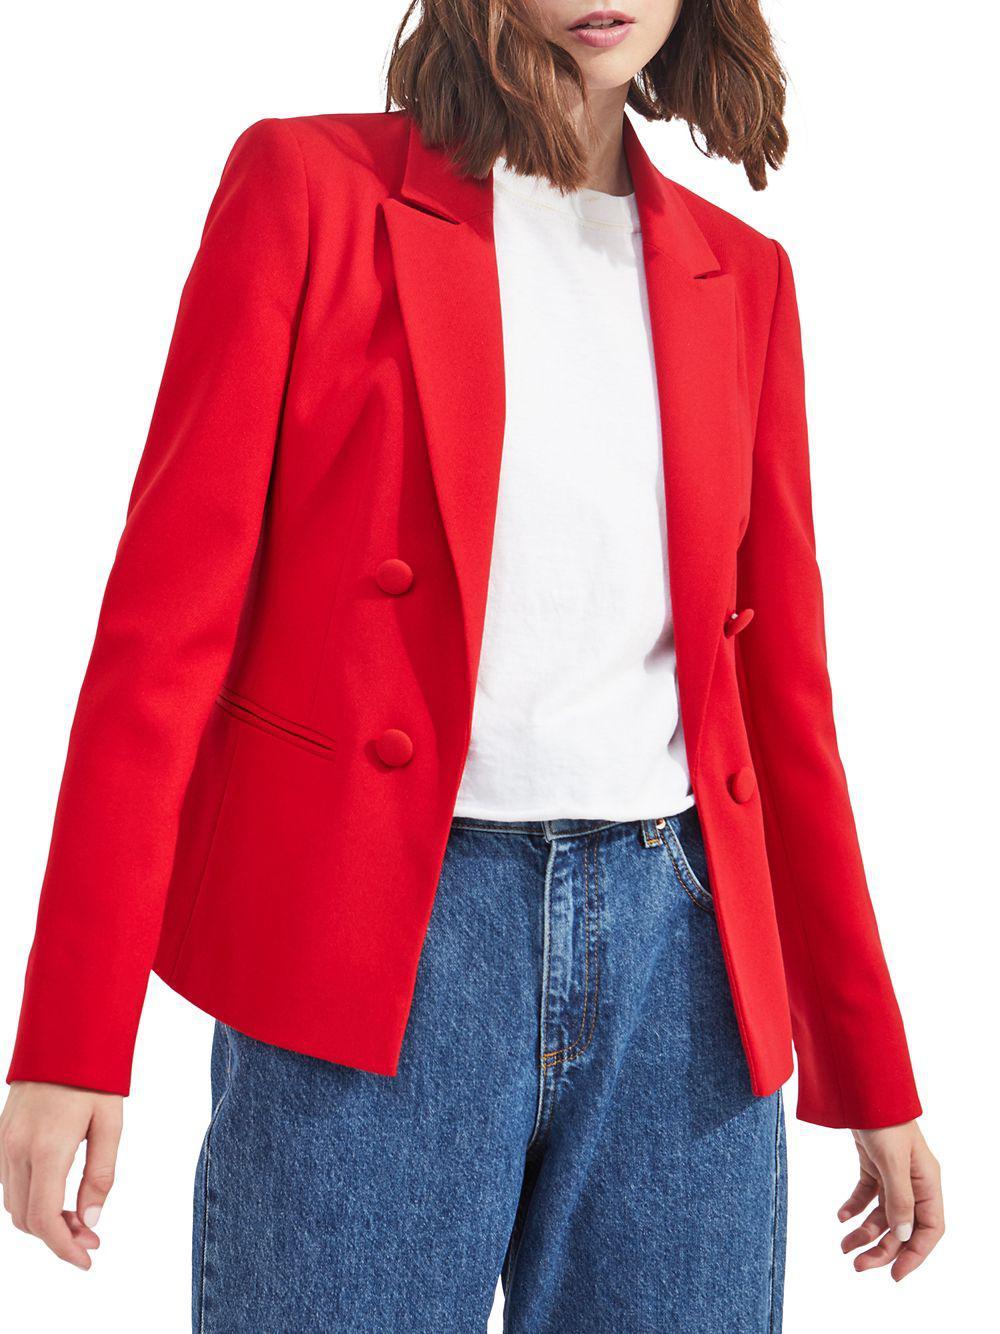 d9ff11dc336 Lyst - Miss Selfridge Peak Lapel Button Jacket in Red